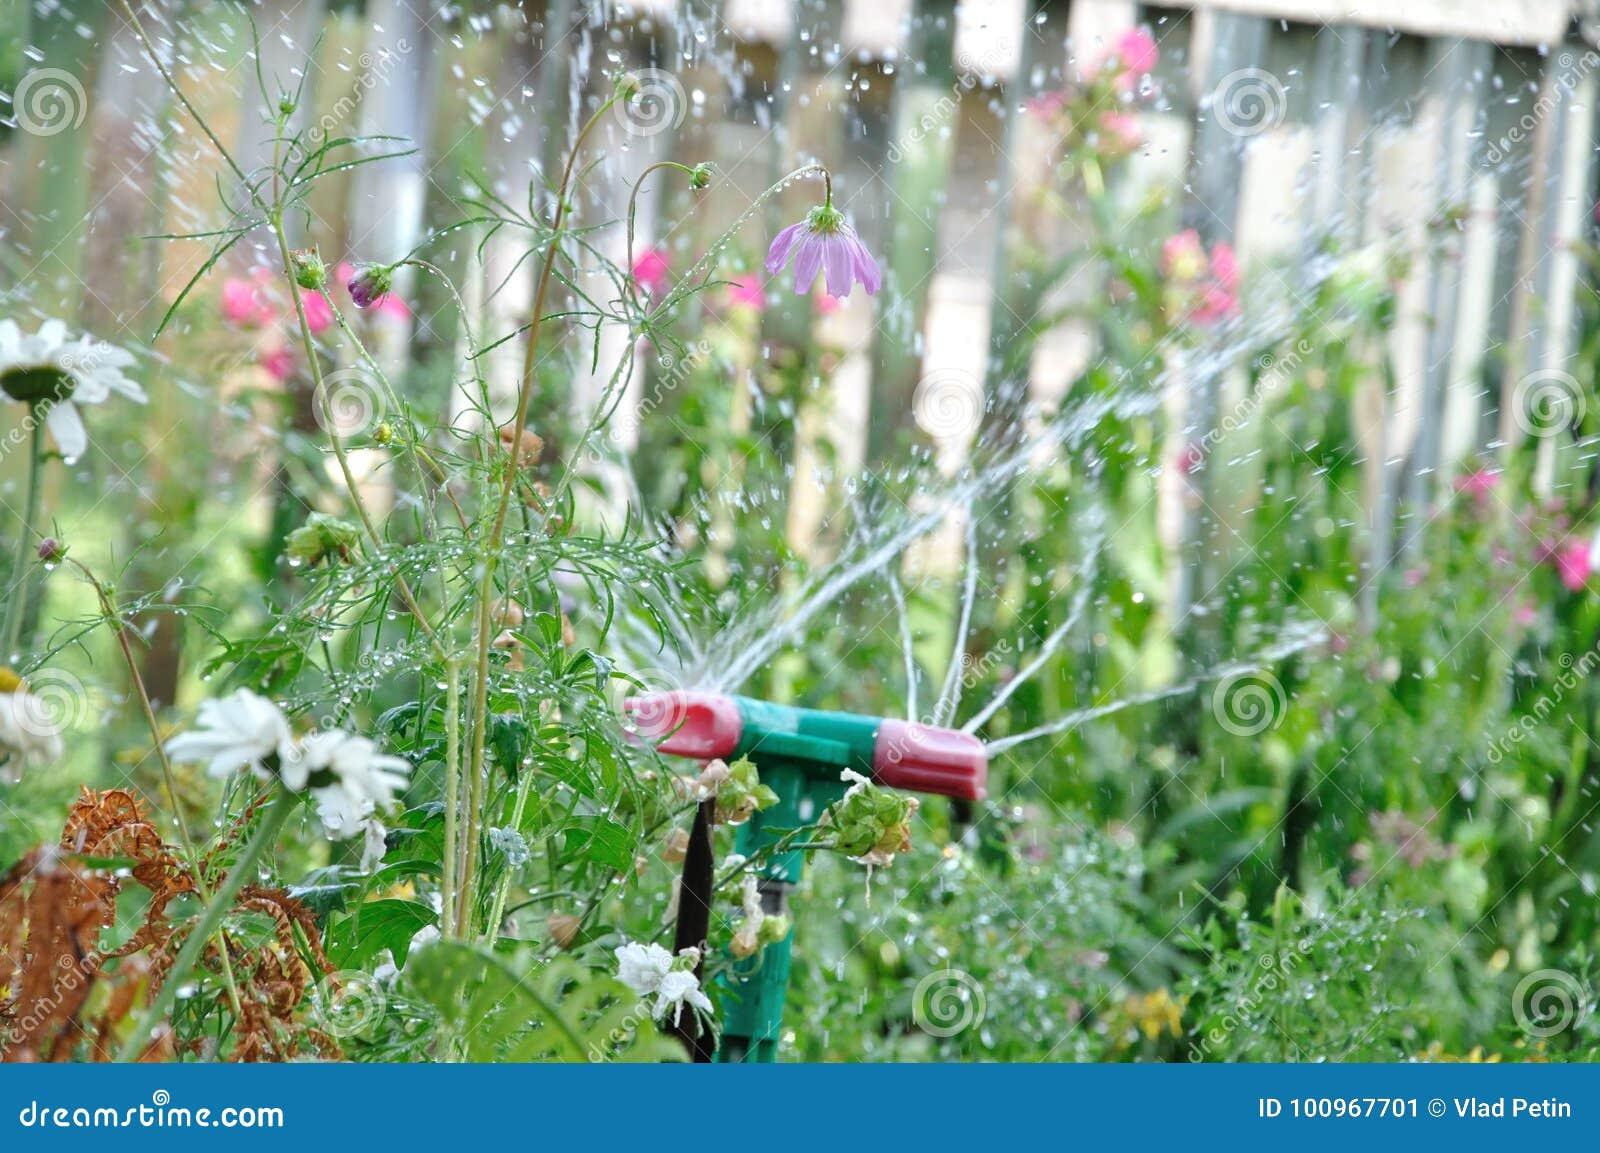 Hierba de riego de la regadera del jardín en el día soleado y las gotitas del agua